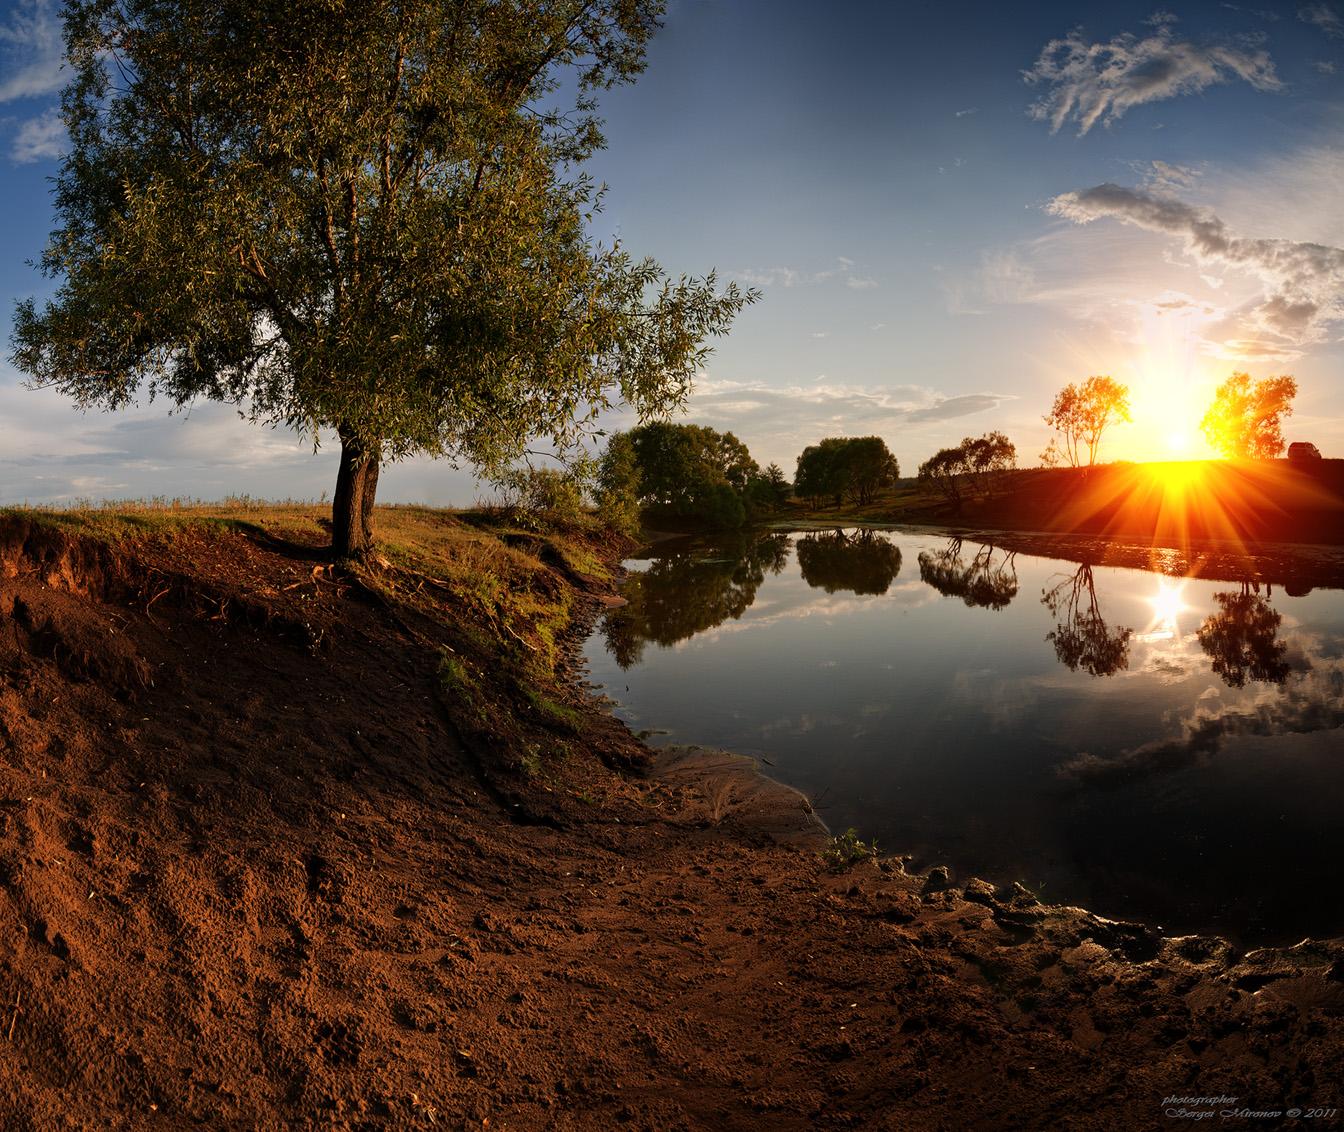 закат | Природа | Фотография #31316